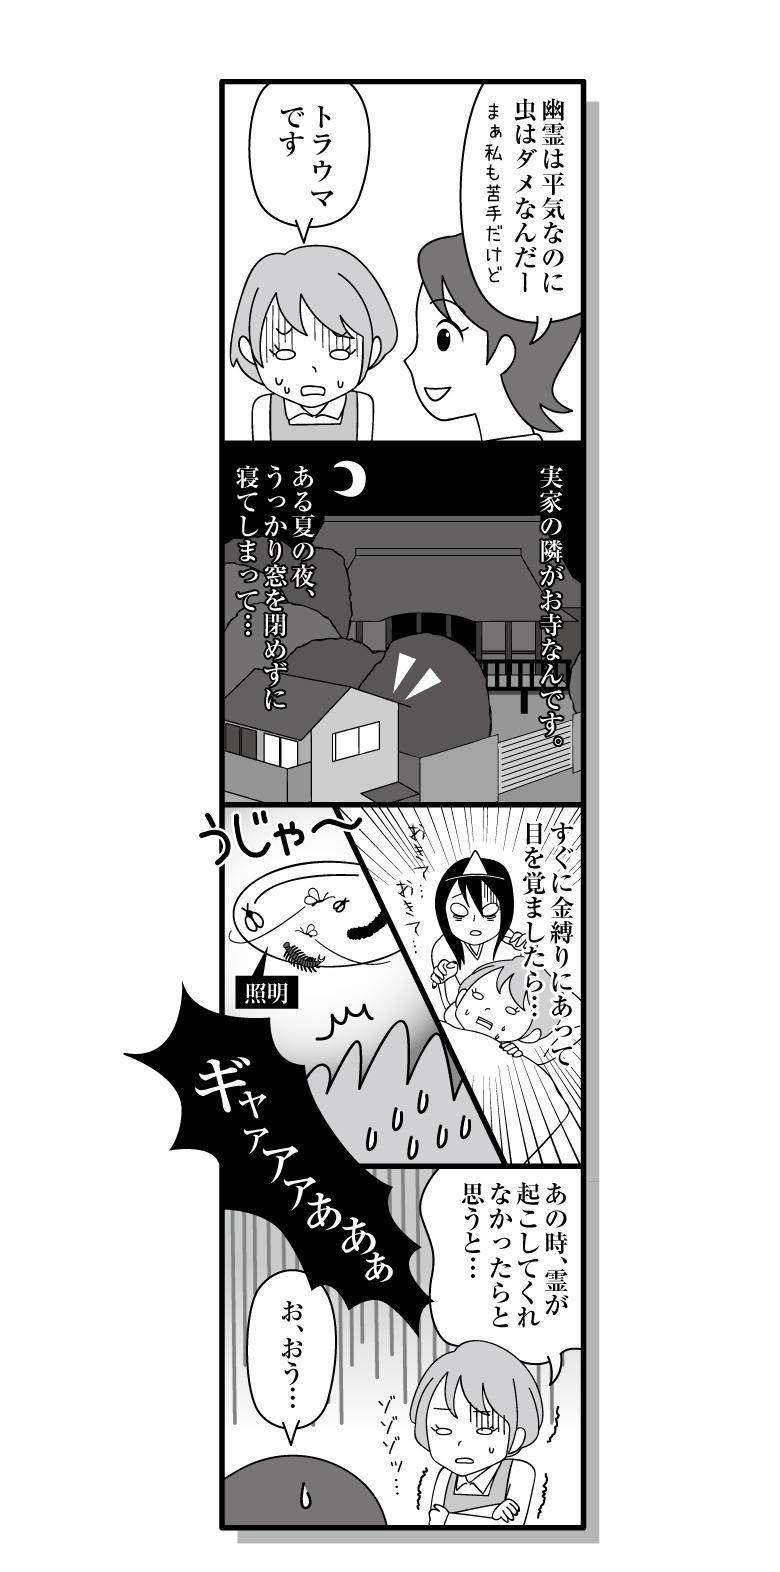 180414_manga